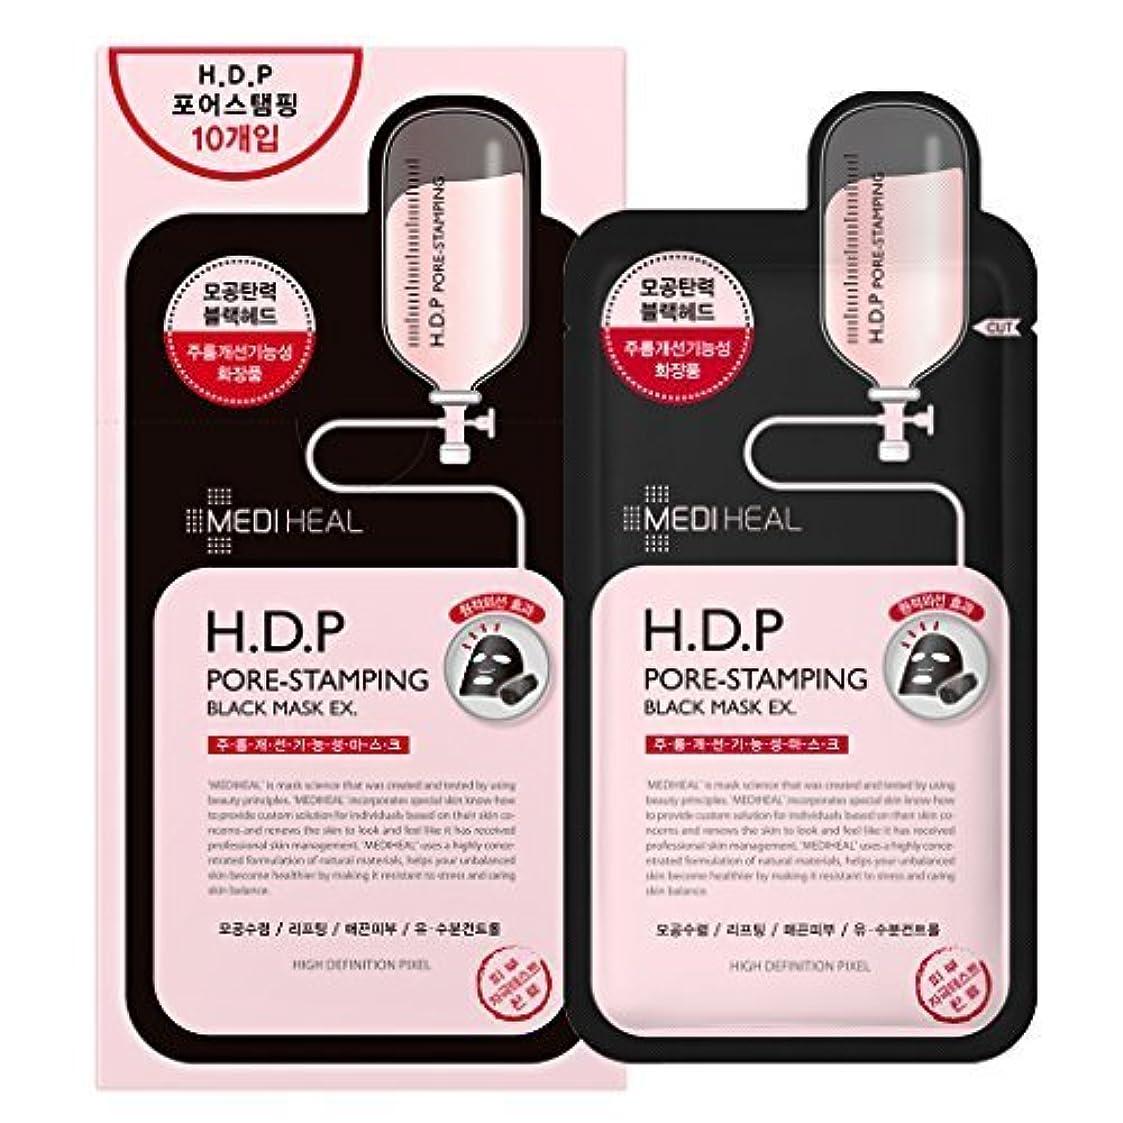 アルカイック興味大工Mediheal H.D.P 毛穴スタンプ炭ミネラルマスク Pore stamping Charcoal mineral mask (10枚) [並行輸入品]